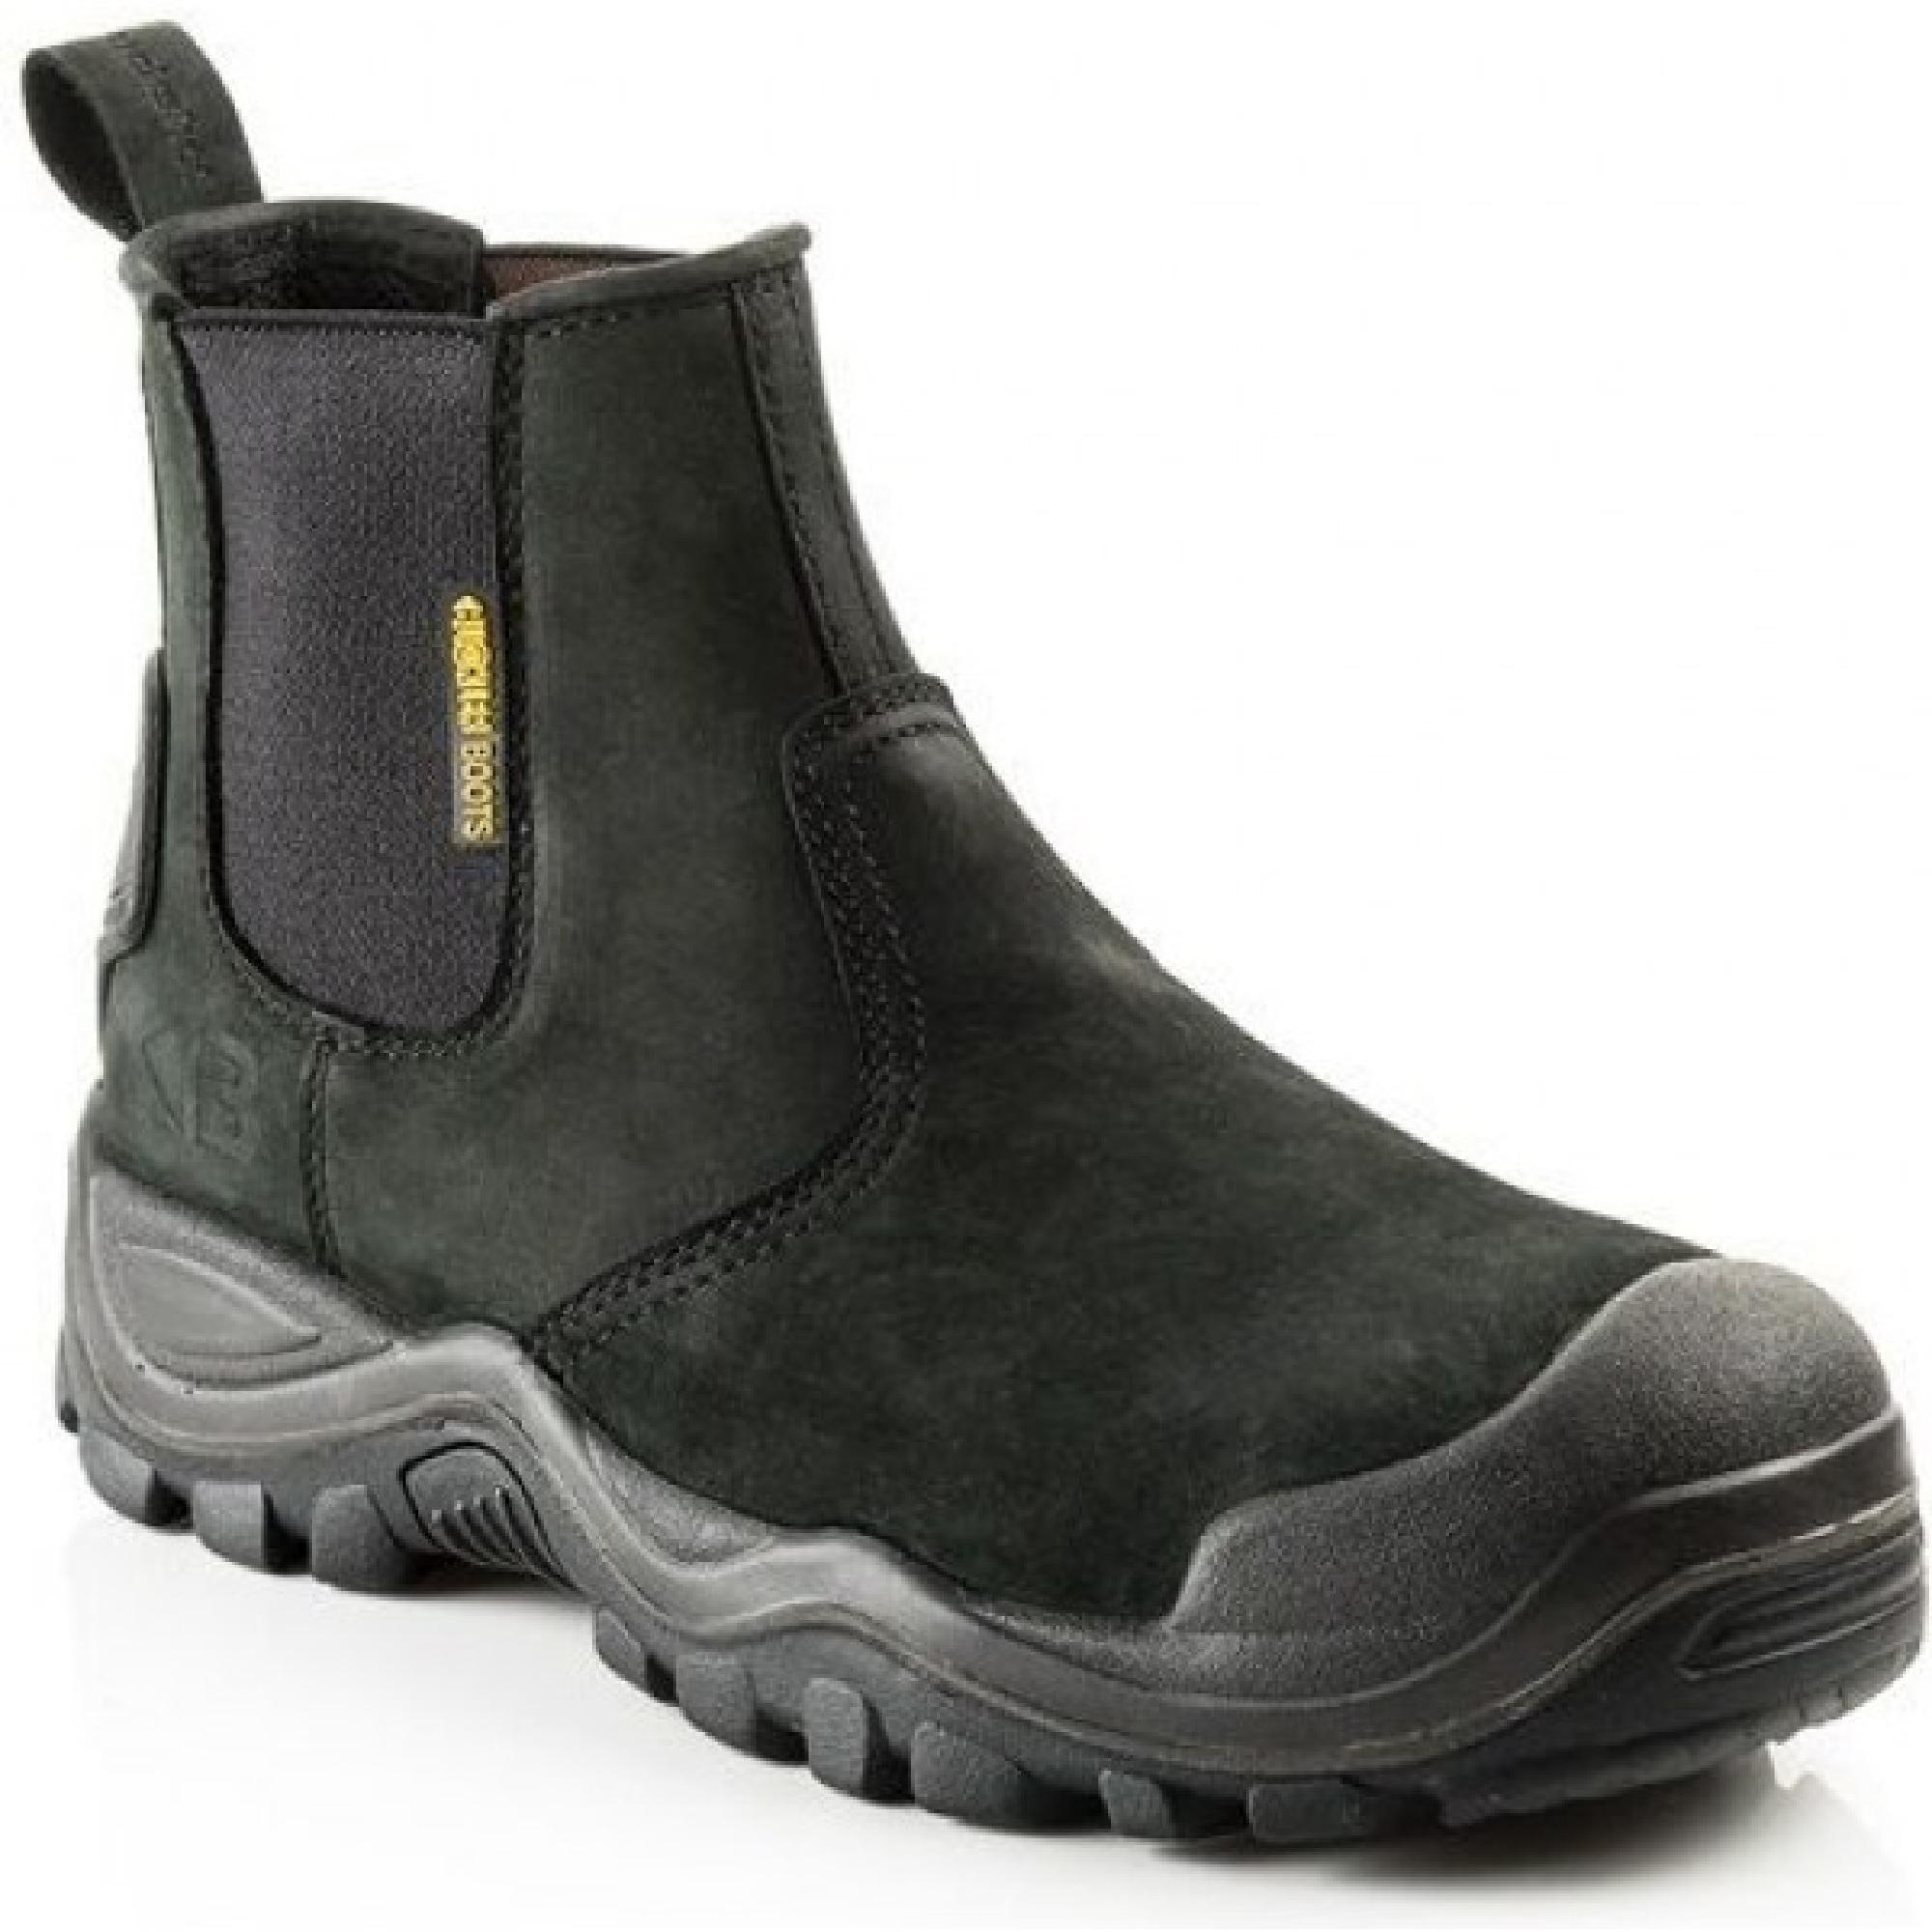 Black leather Buckler BSH006BK safety dealer boot with Buckler branding on side heel and Buckler logo on stretch gusset